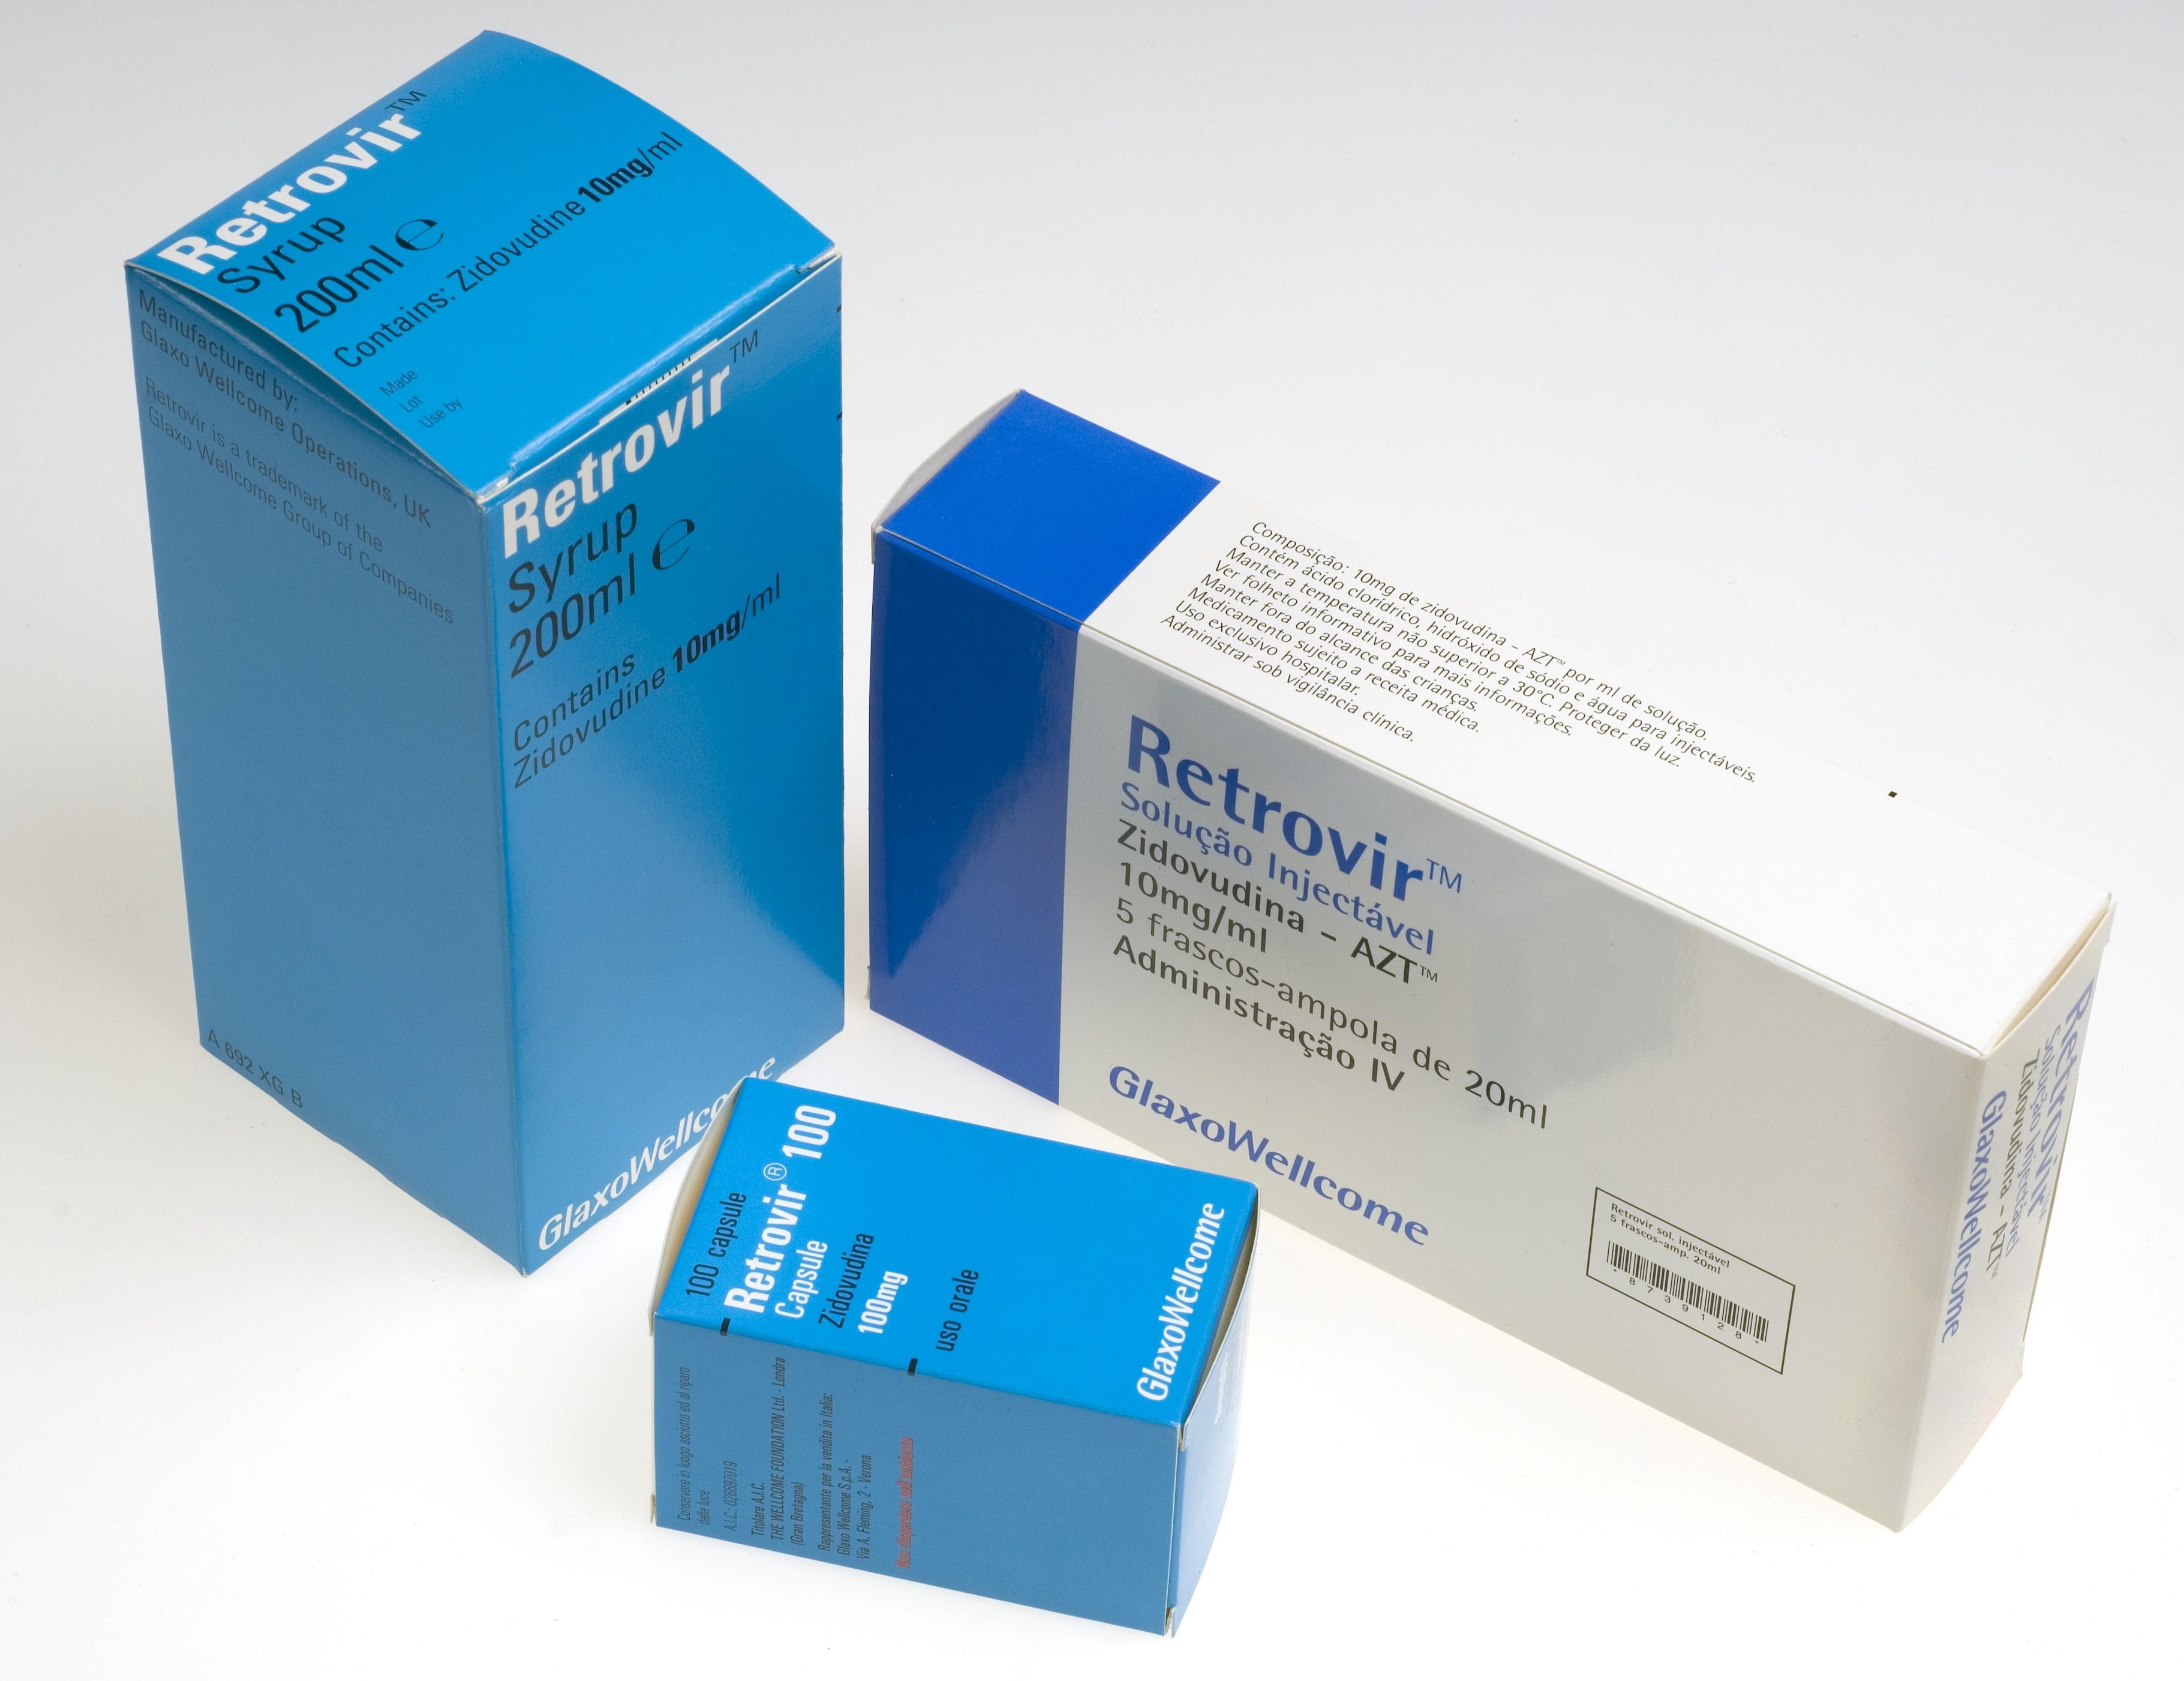 Антиретровирусная терапия насегодняшний день является лучшим способом предотвращения осложнений ВИЧ-инфекции.